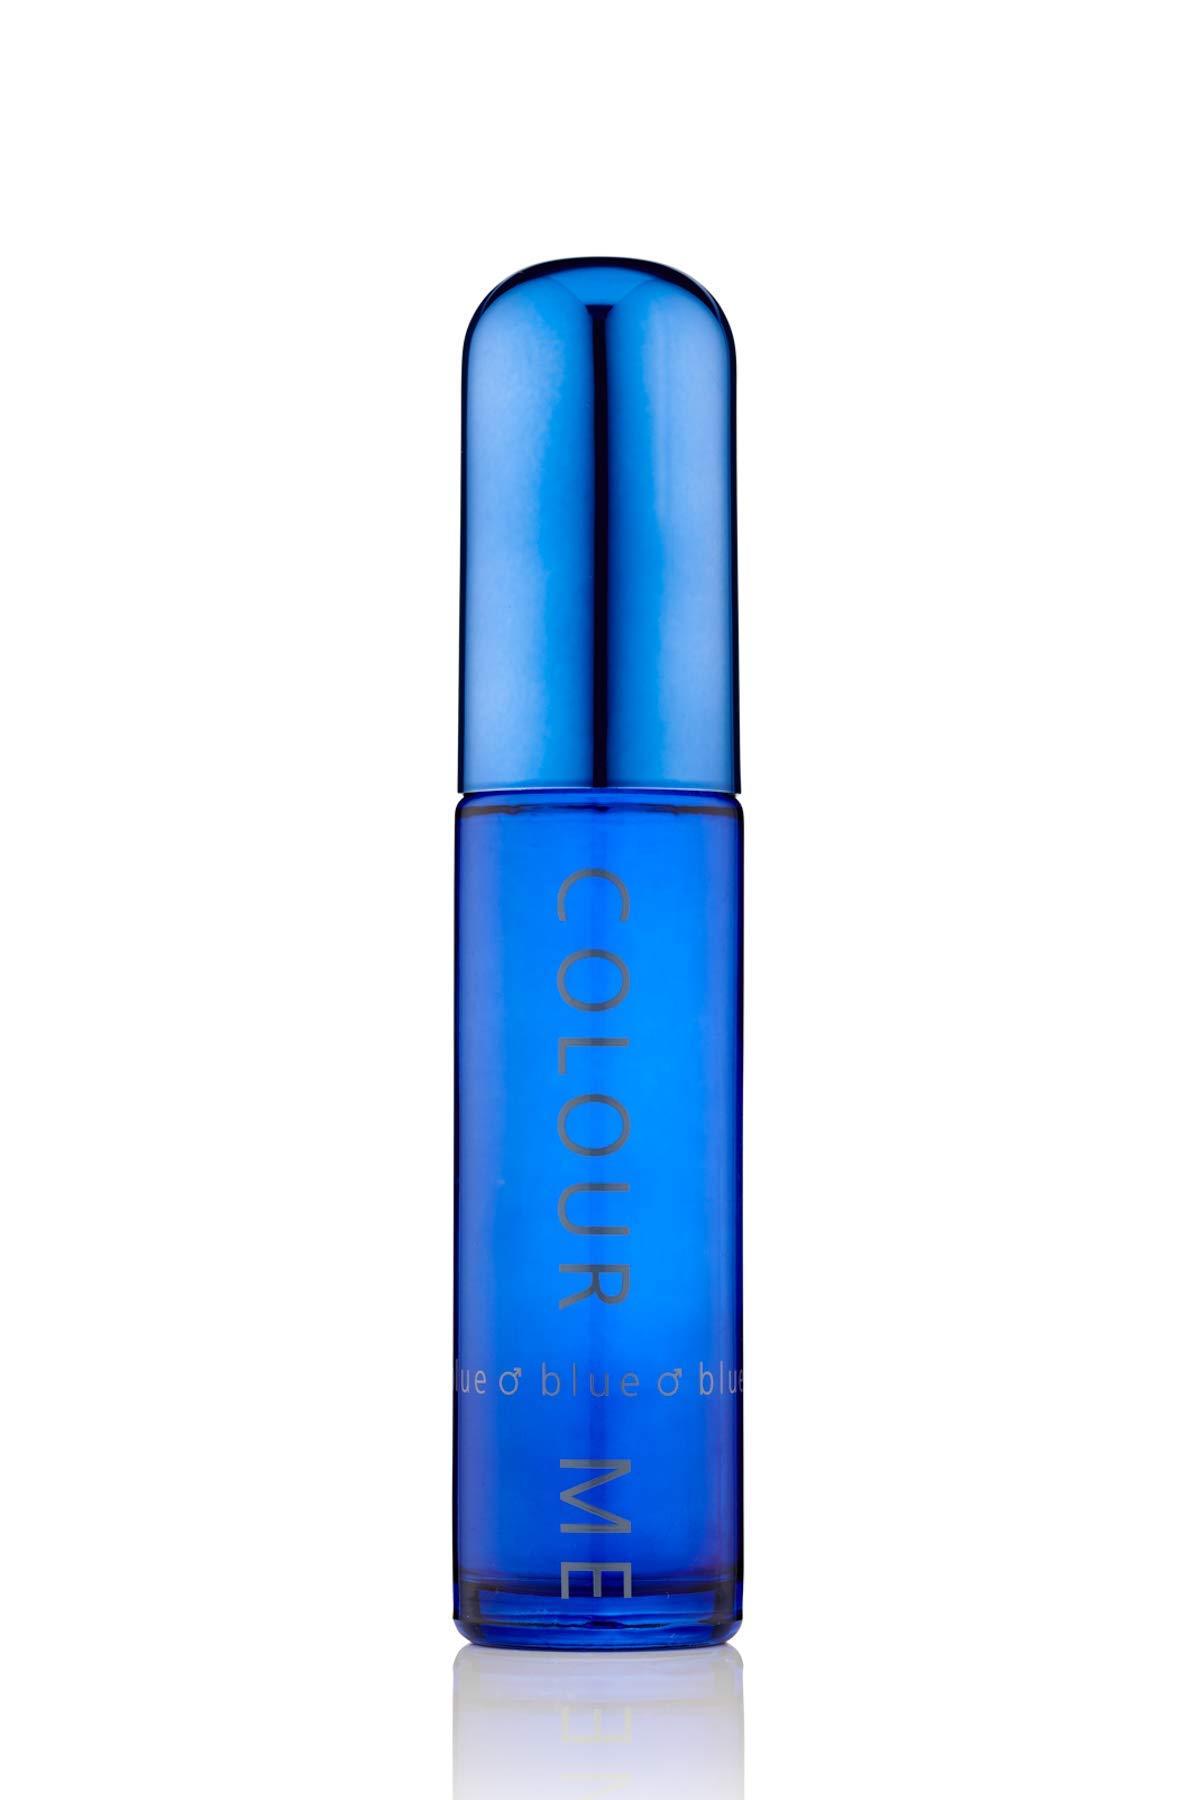 Colour Me Blue - Fragrance For Men - 50ml Eau de Toilette, by Milton-Lloyd